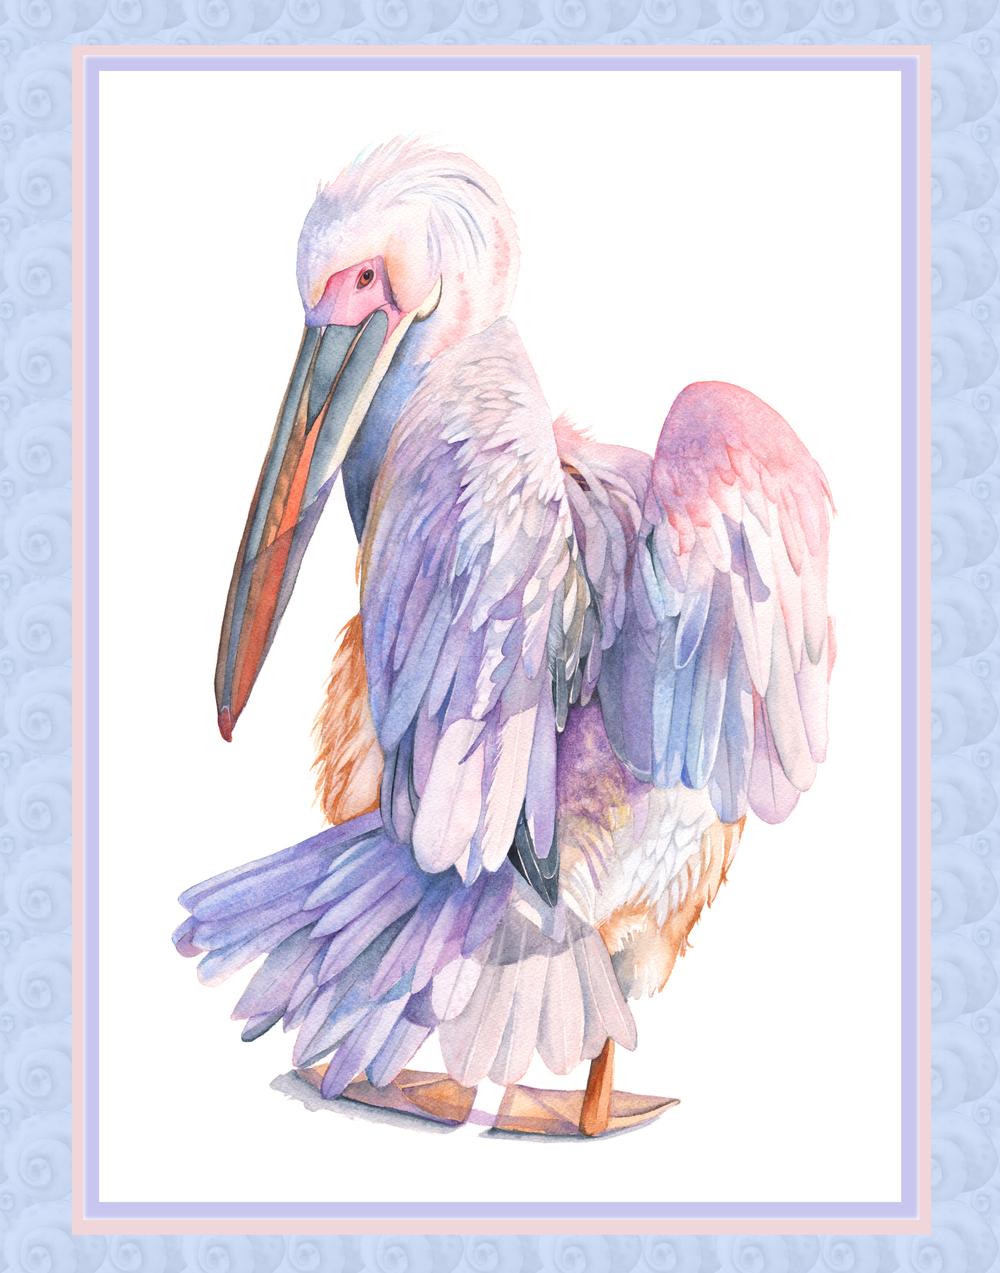 Pelican on fsnail shell pattern.jpg